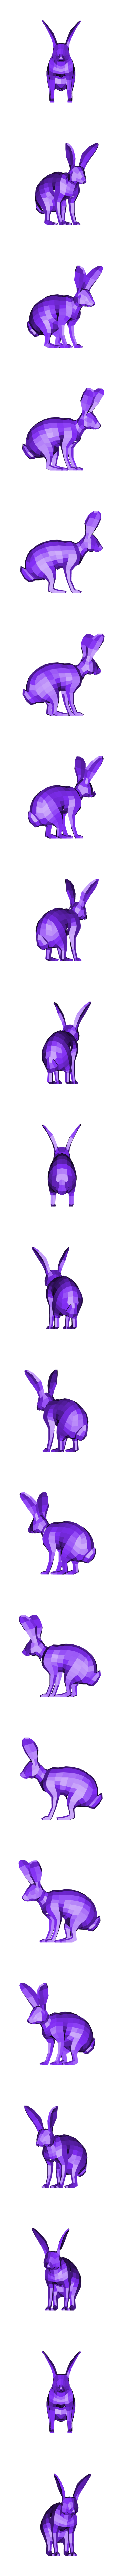 JackRabbit.obj Download free OBJ file Jackrabbit • 3D print design, Colorful3D